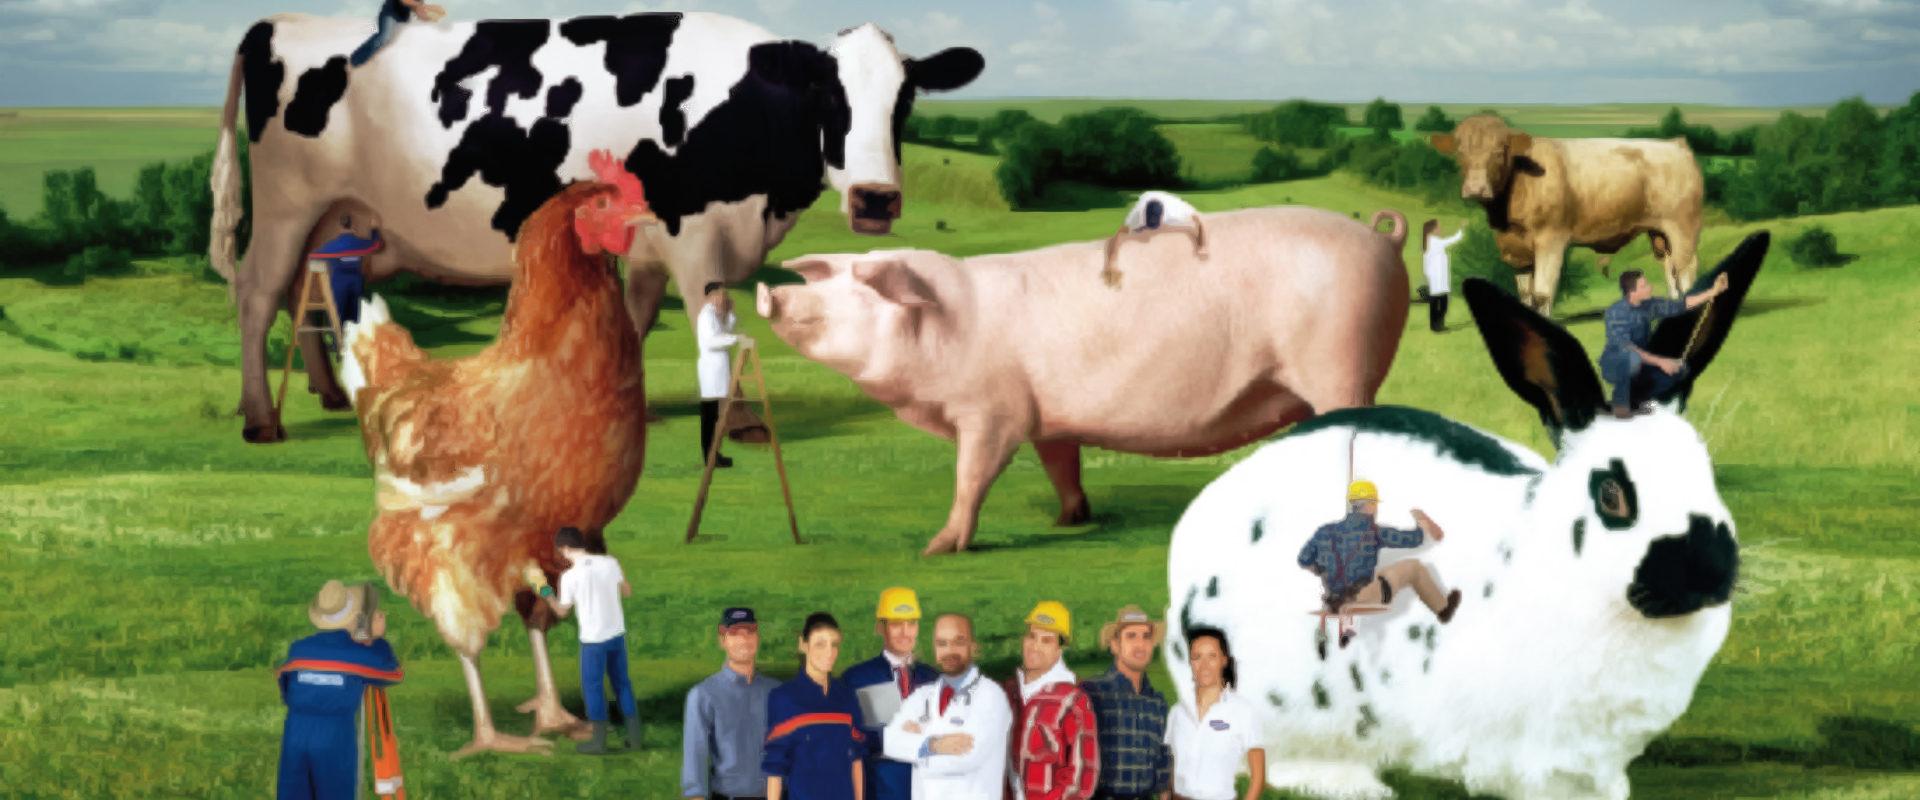 Frammento del cartellone pubblicitario del 2008 di Mangimi Veronesi